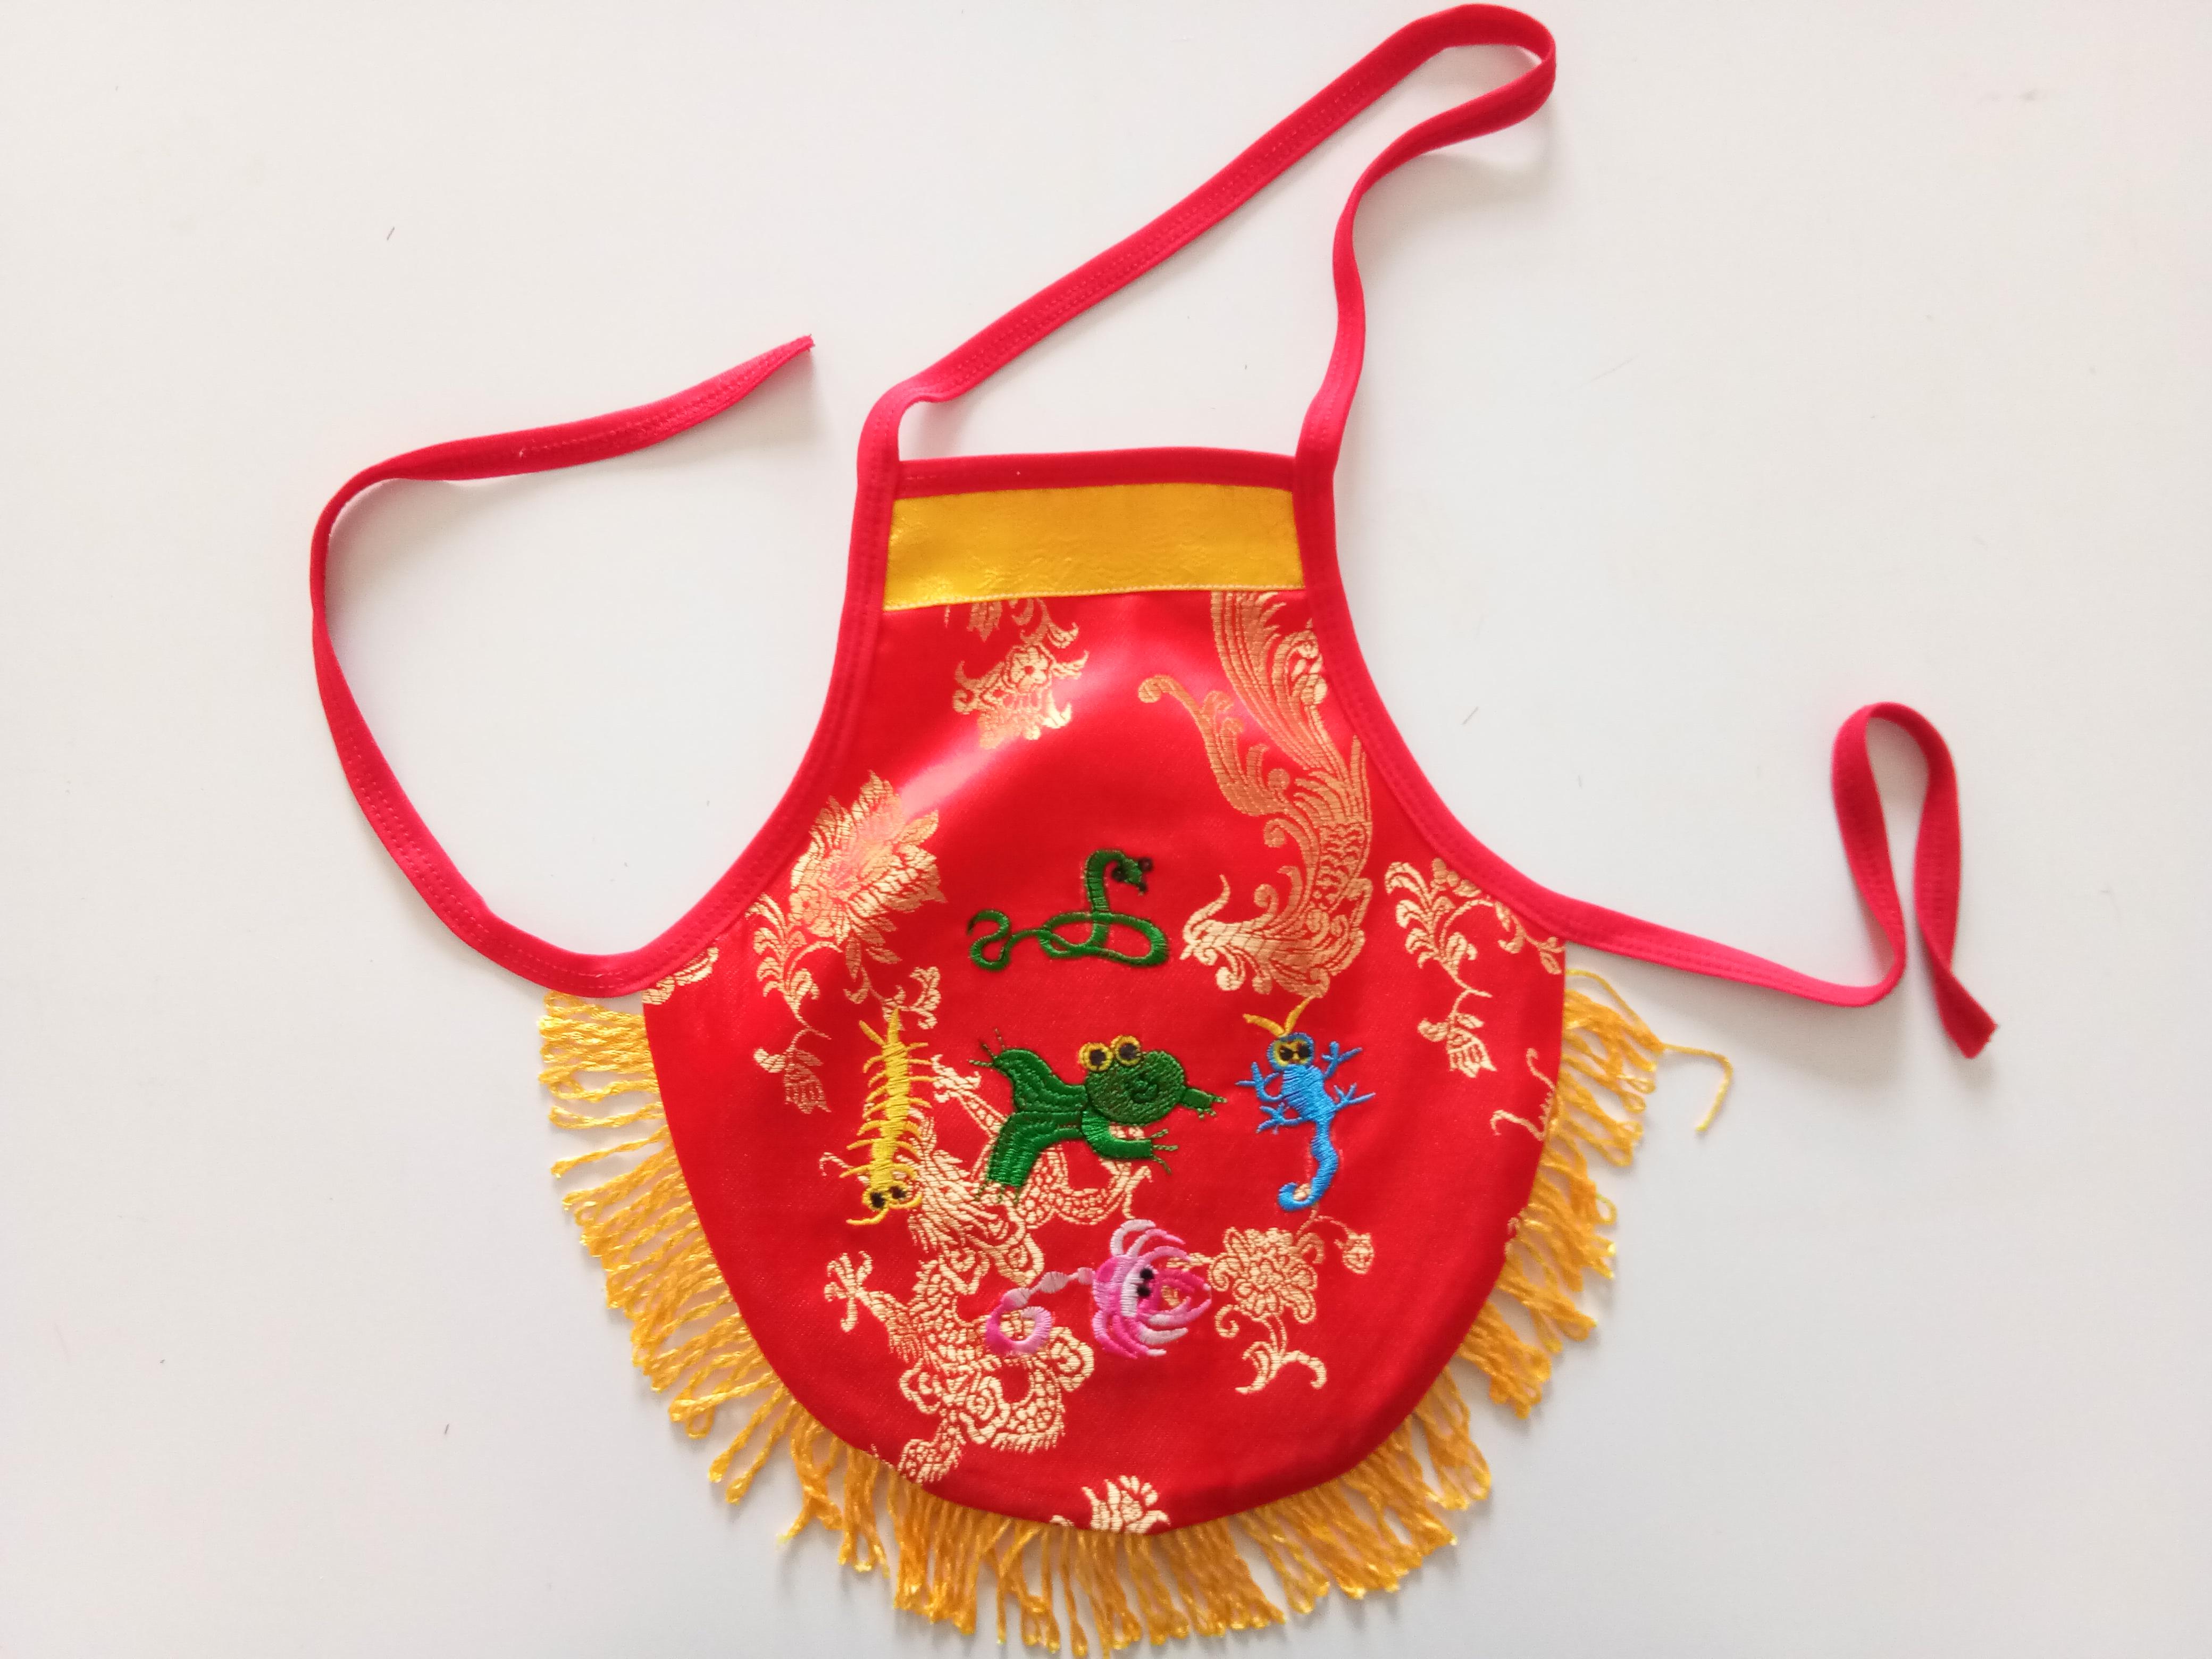 春夏季锦缎提花刺绣带穗宝宝肚兜 批发婴儿肚兜 绣花宝宝套